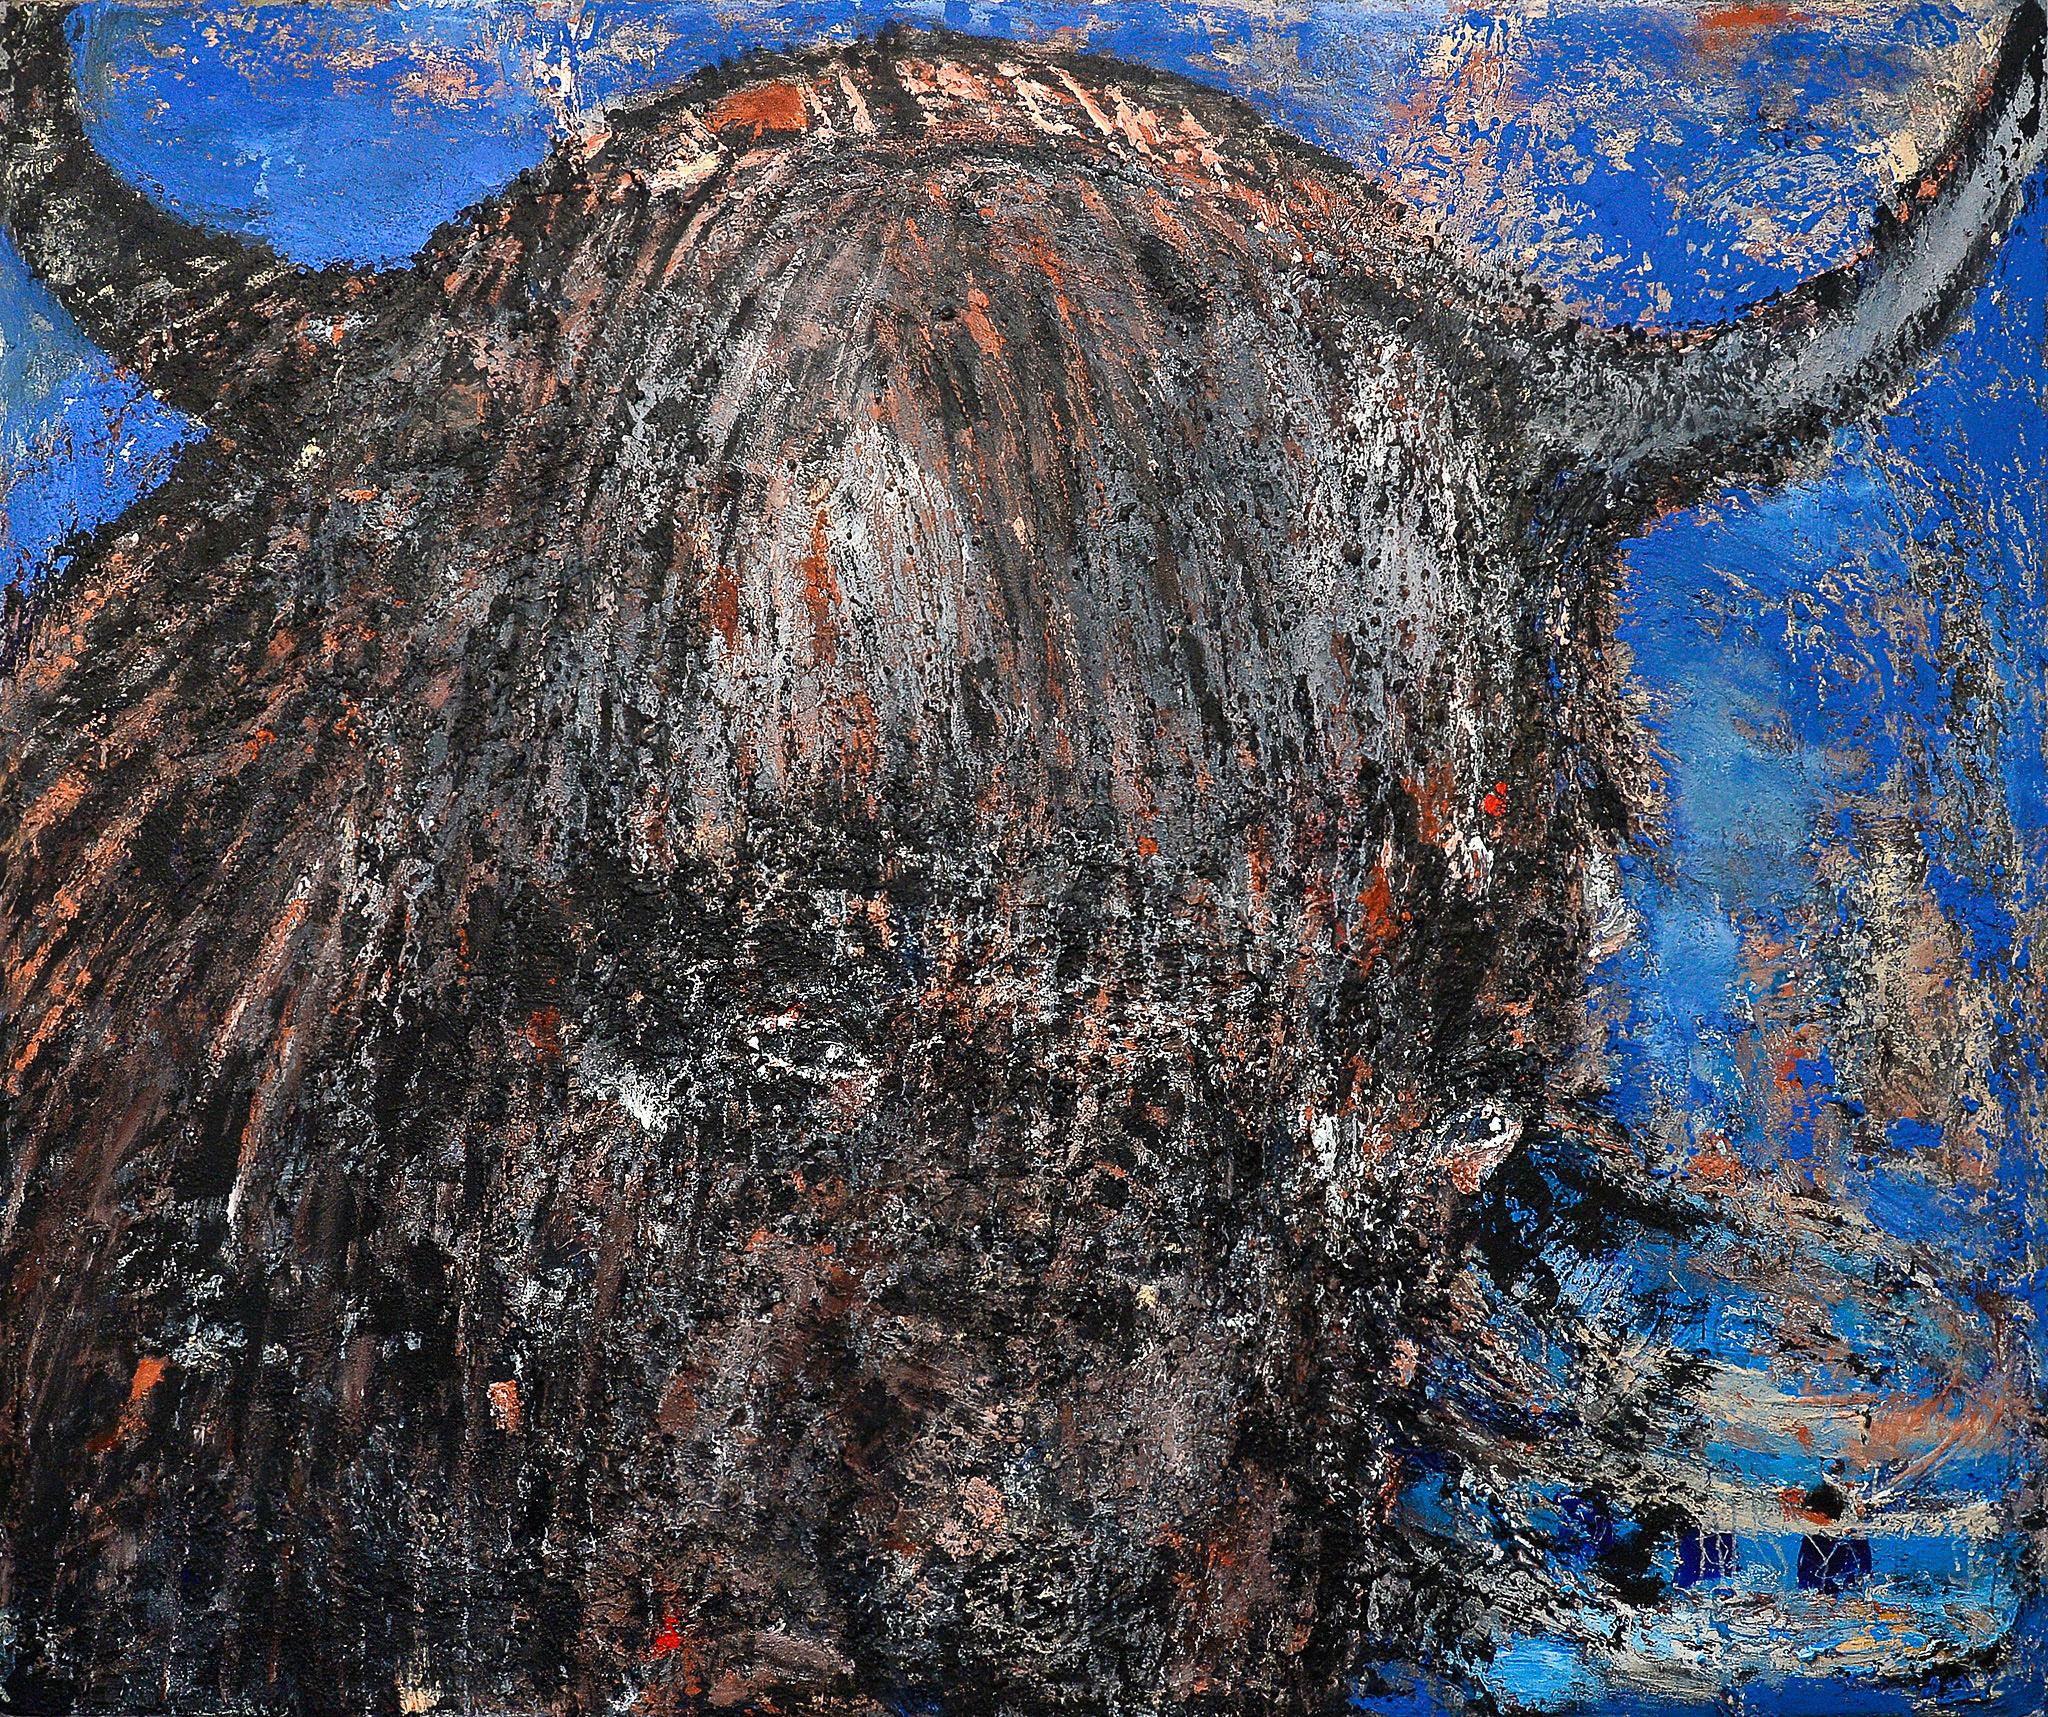 Minotaurus, 2016, Mischtechnik auf Leinwand, 200 x 240 cm